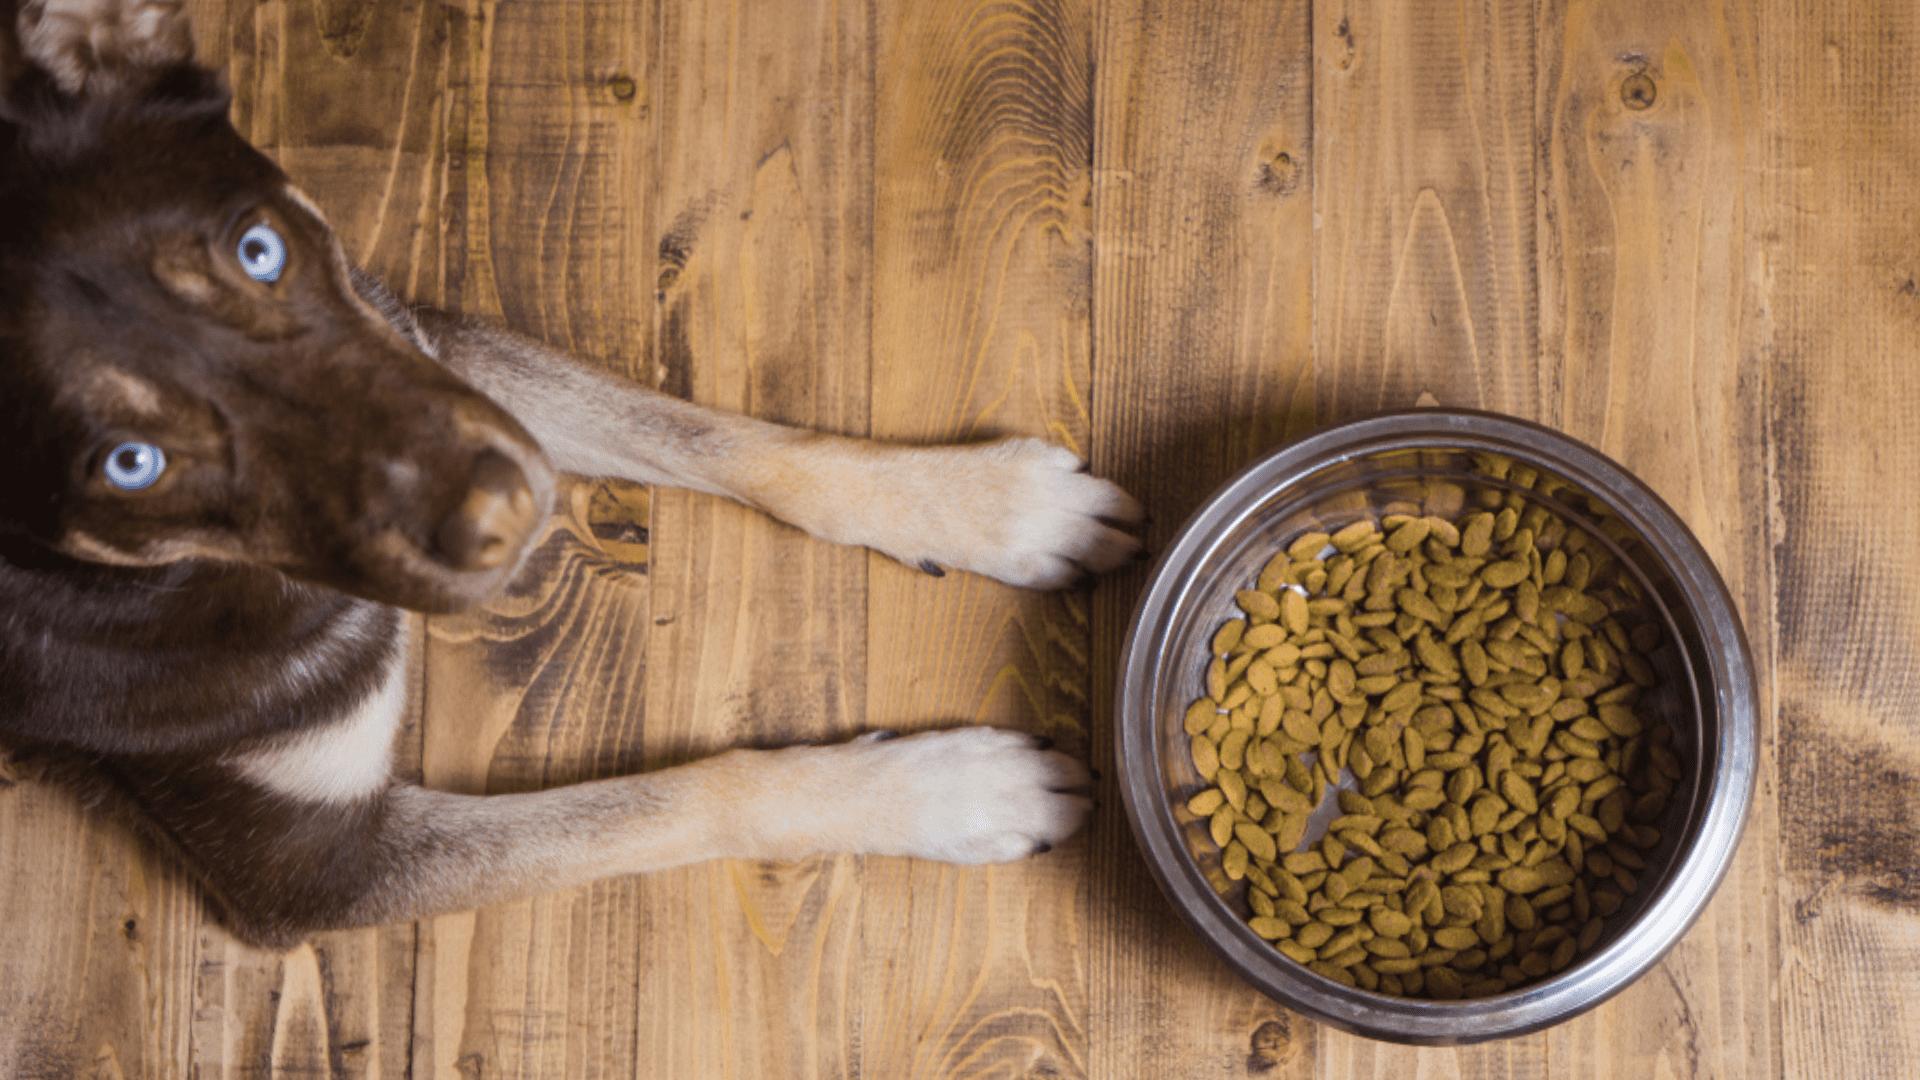 A altura ideal do comedouro para cachorro é próxima ao peito do cão (Imagem: Reprodução/Shutterstock)